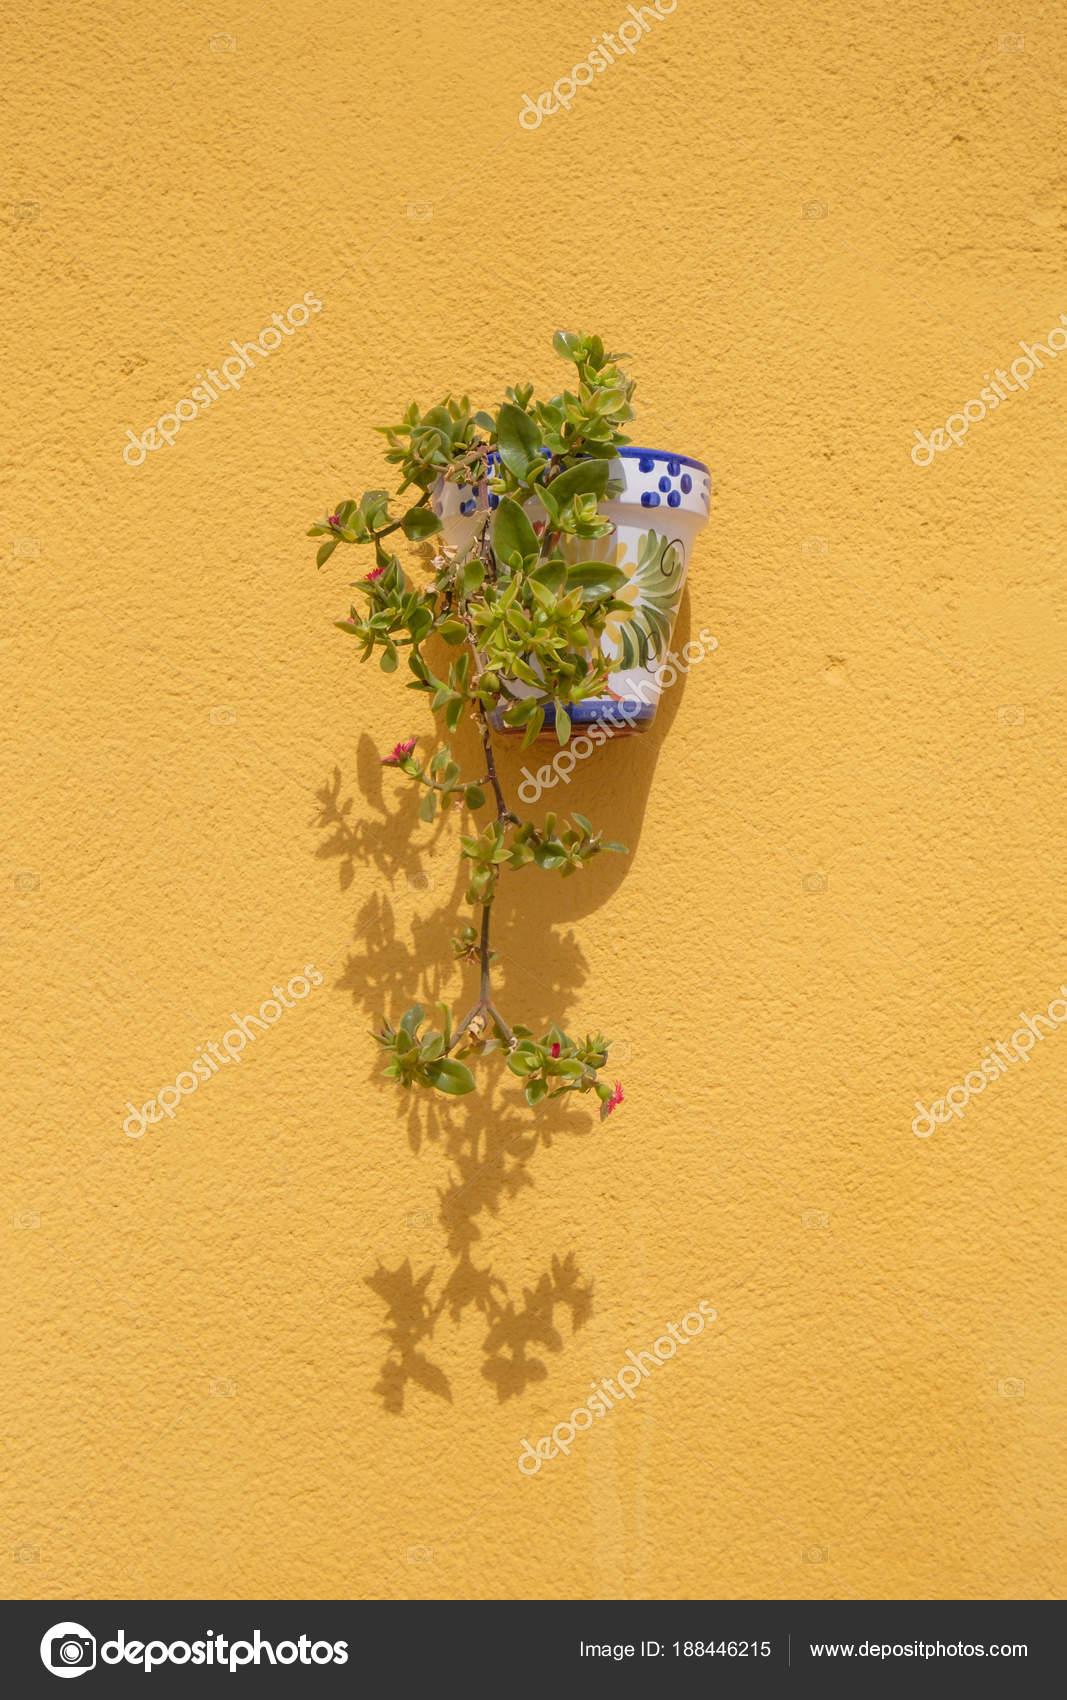 wand montiert blumentopf — stockfoto © lucielang #188446215